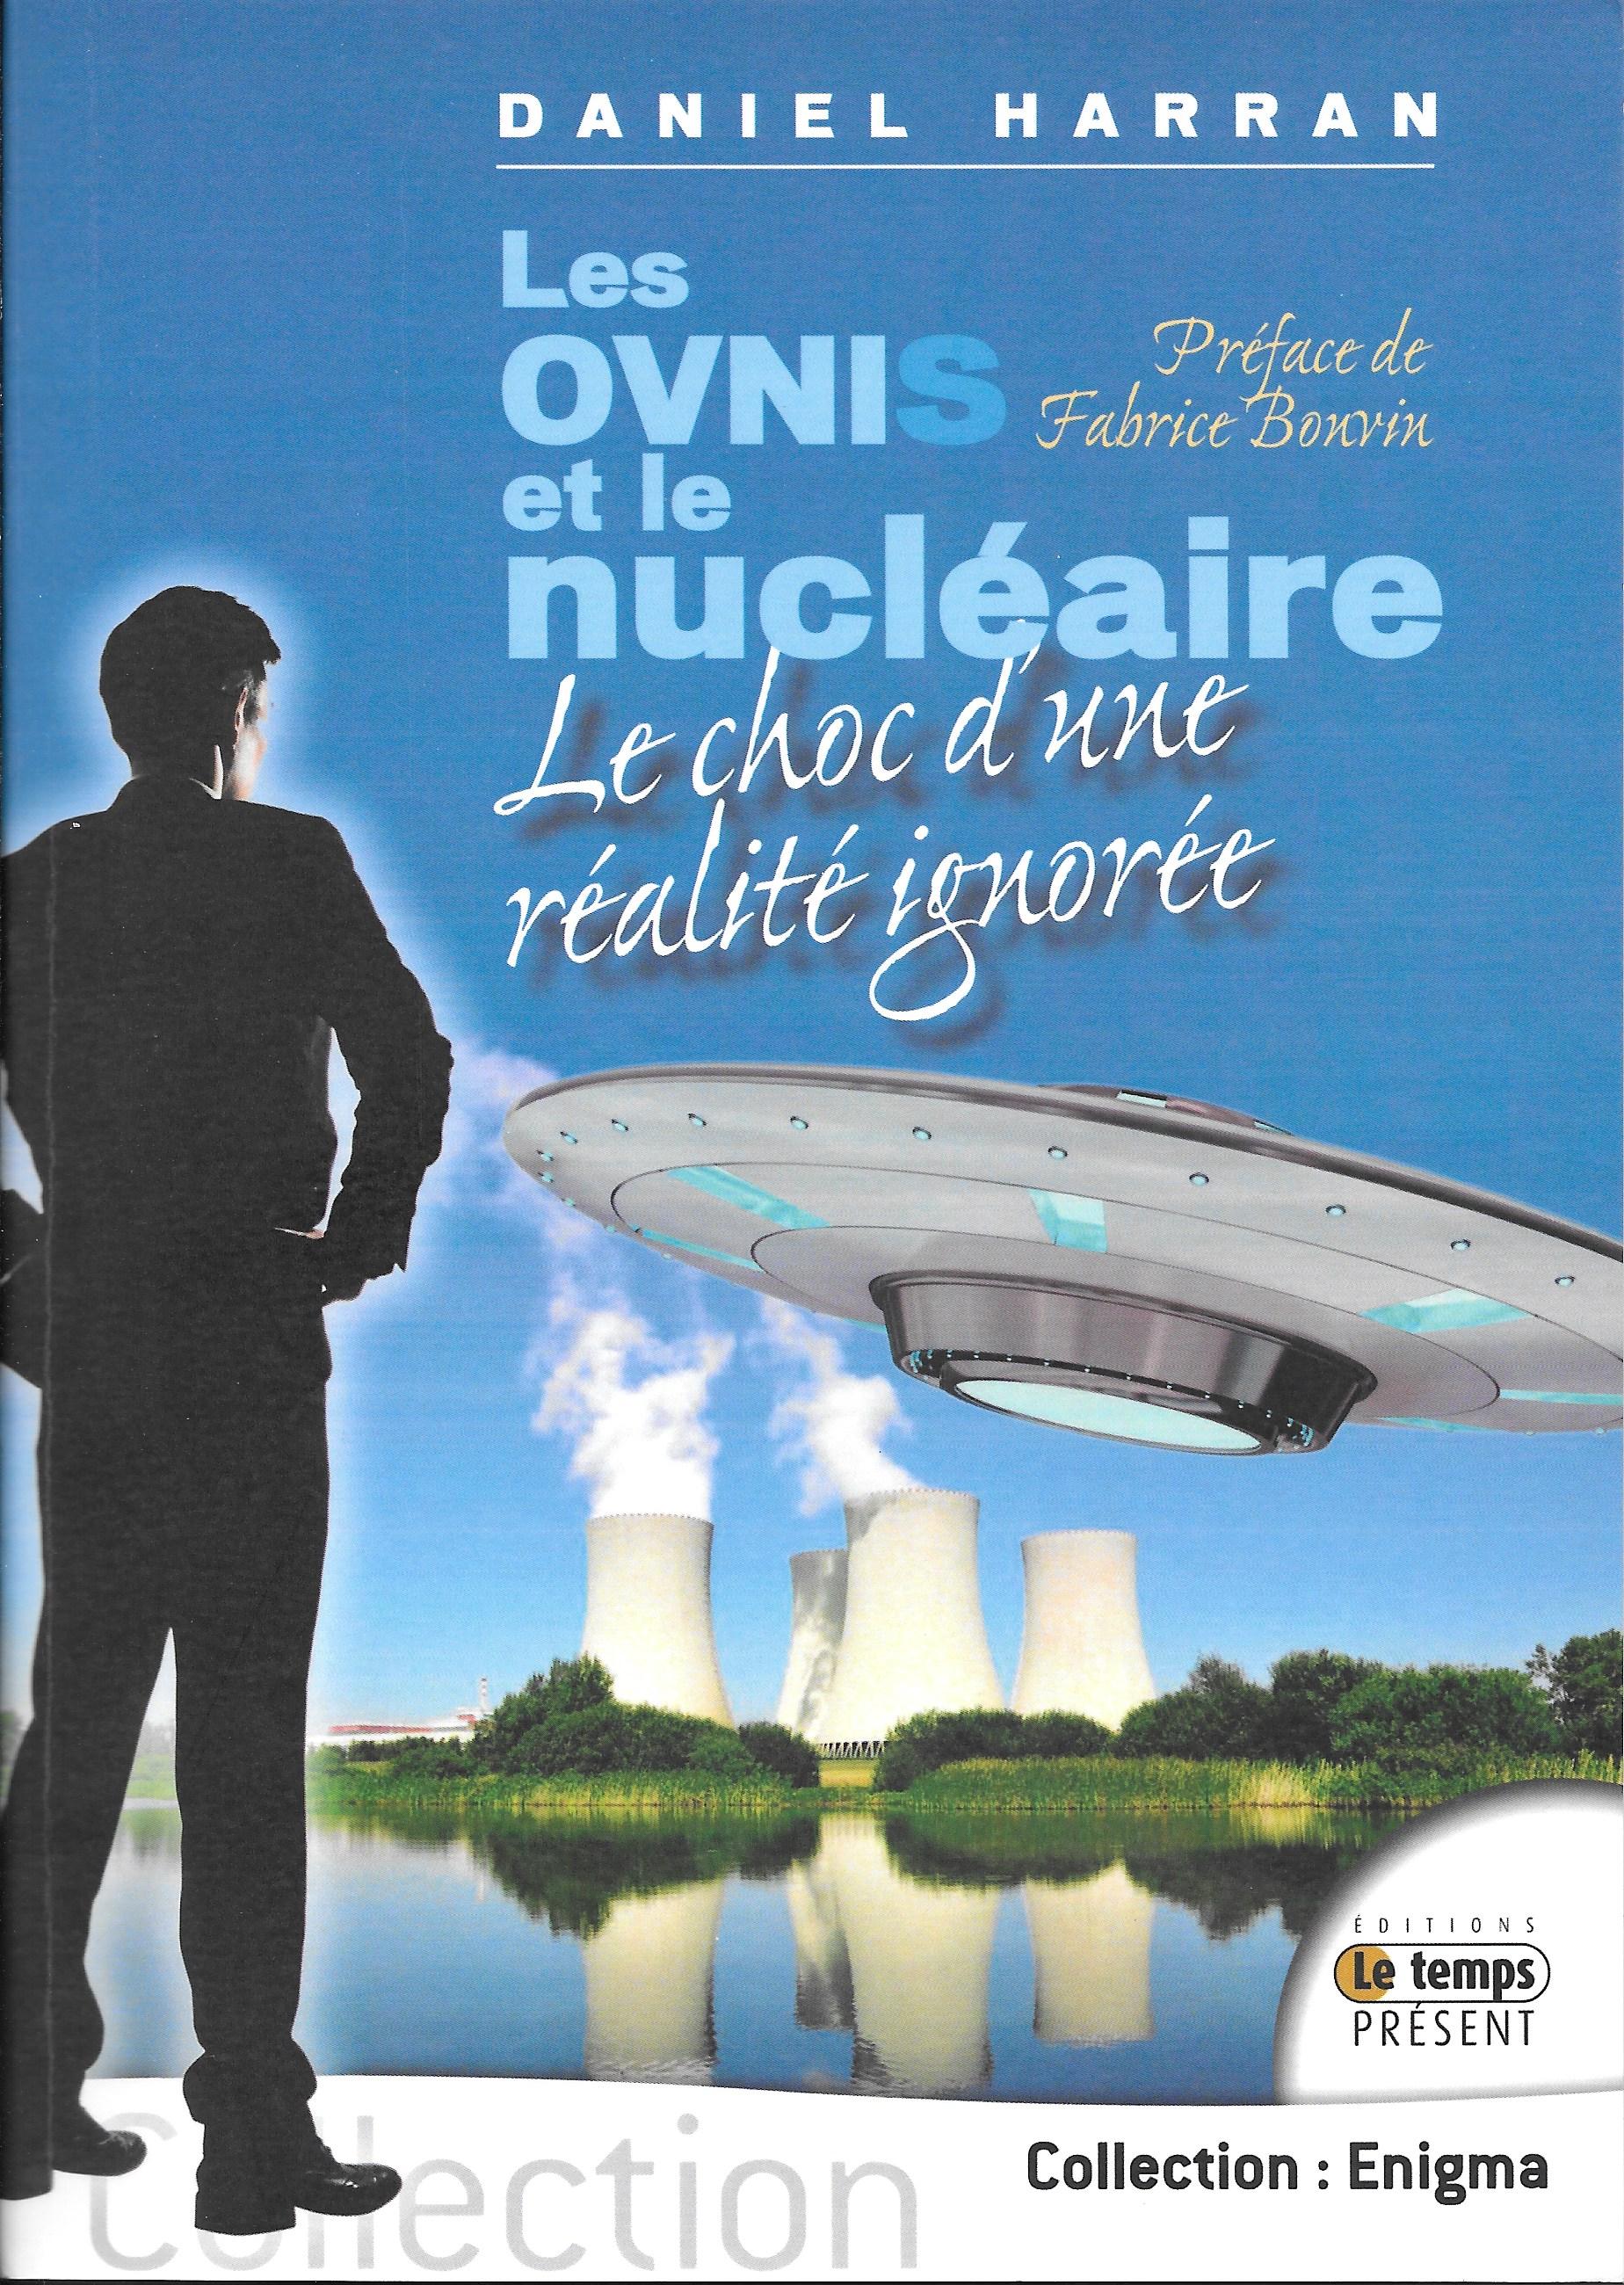 Les ovnis et le nucléaire copie